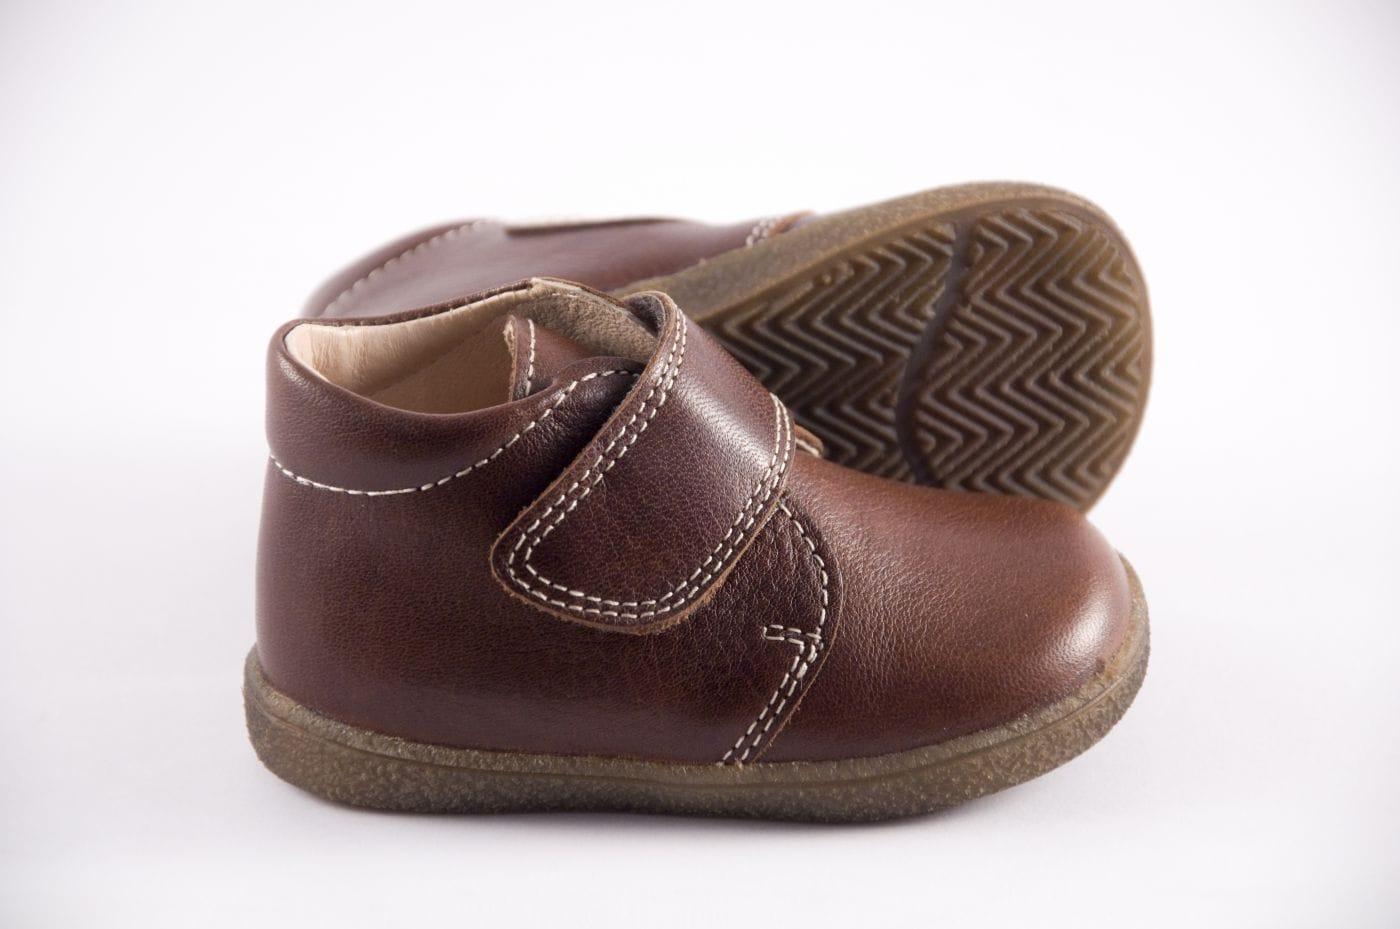 9ef034f5e98 Comprar zapato tipo PREANDANTE NIÑO estilo BOTAS COLOR MARRON PIEL ...